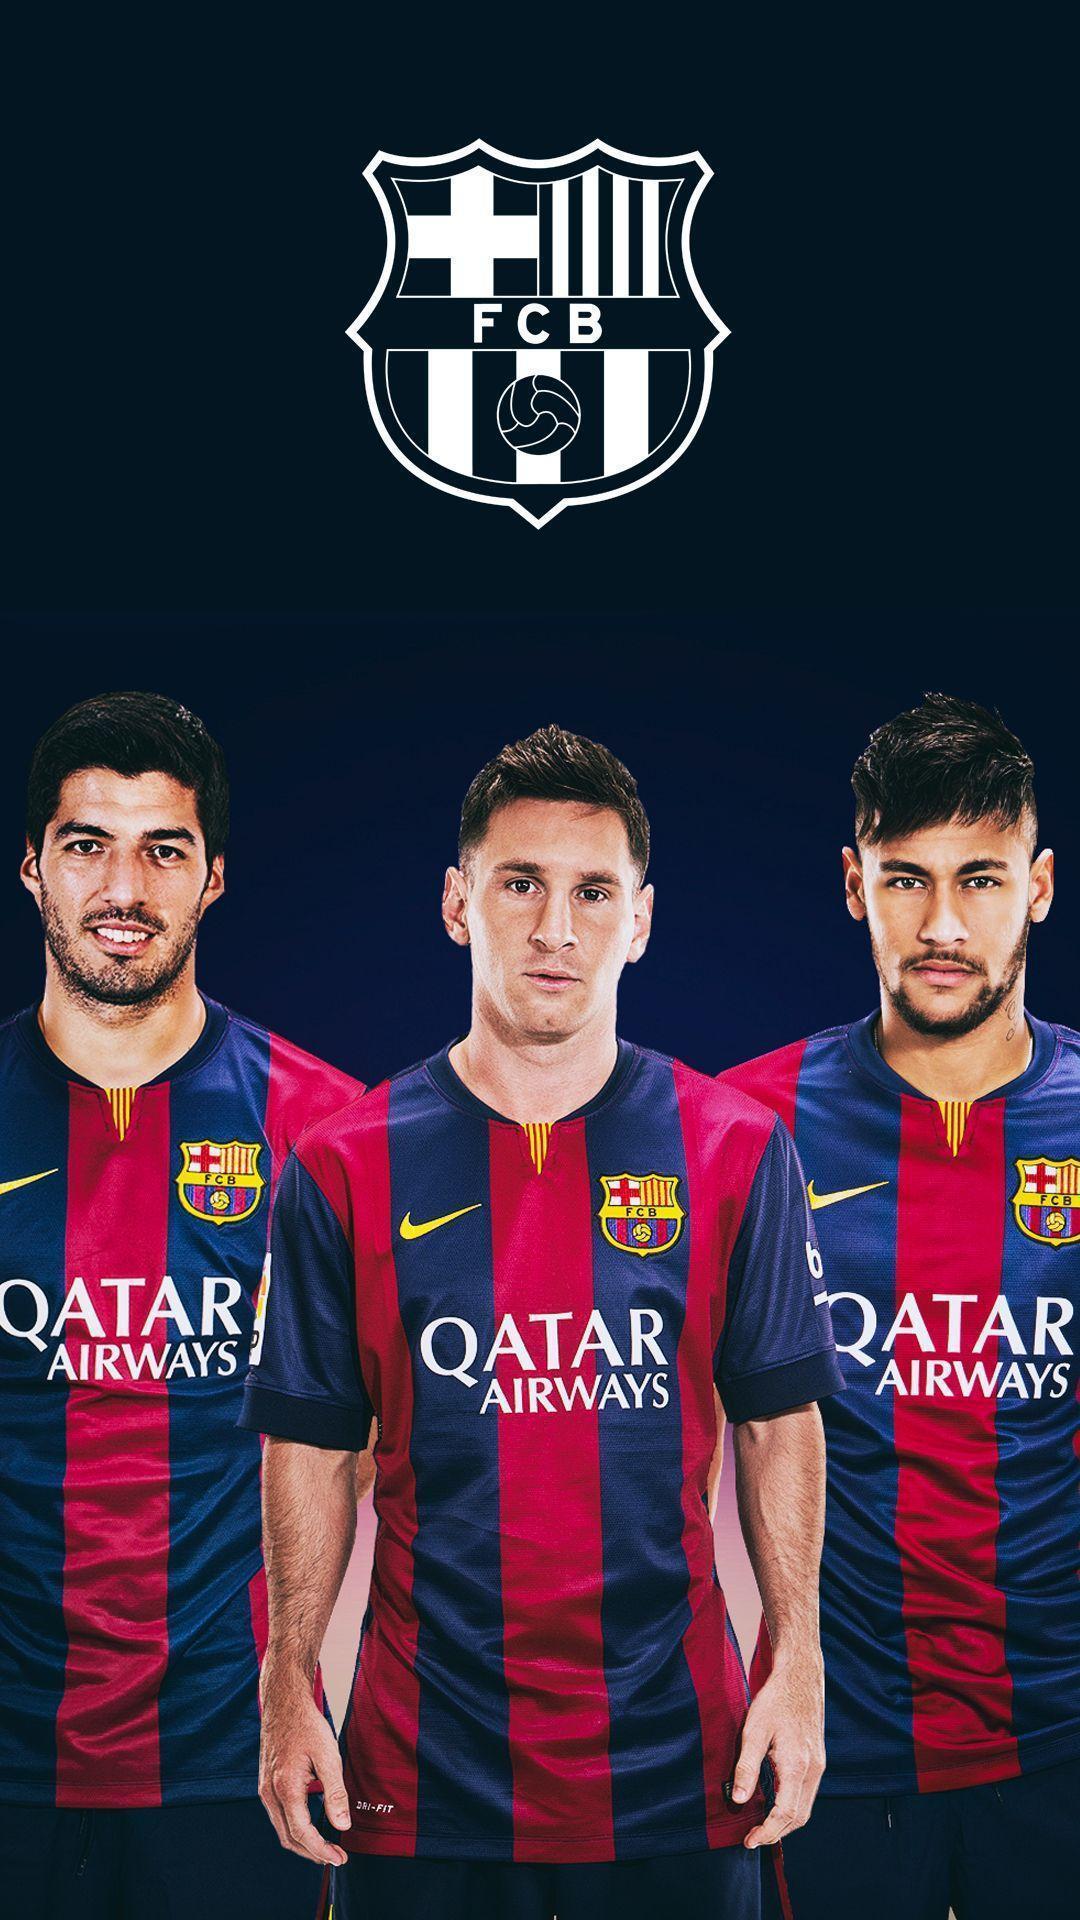 <b>FC Barcelona Wallpaper</b> 1080p - WallpaperSafari